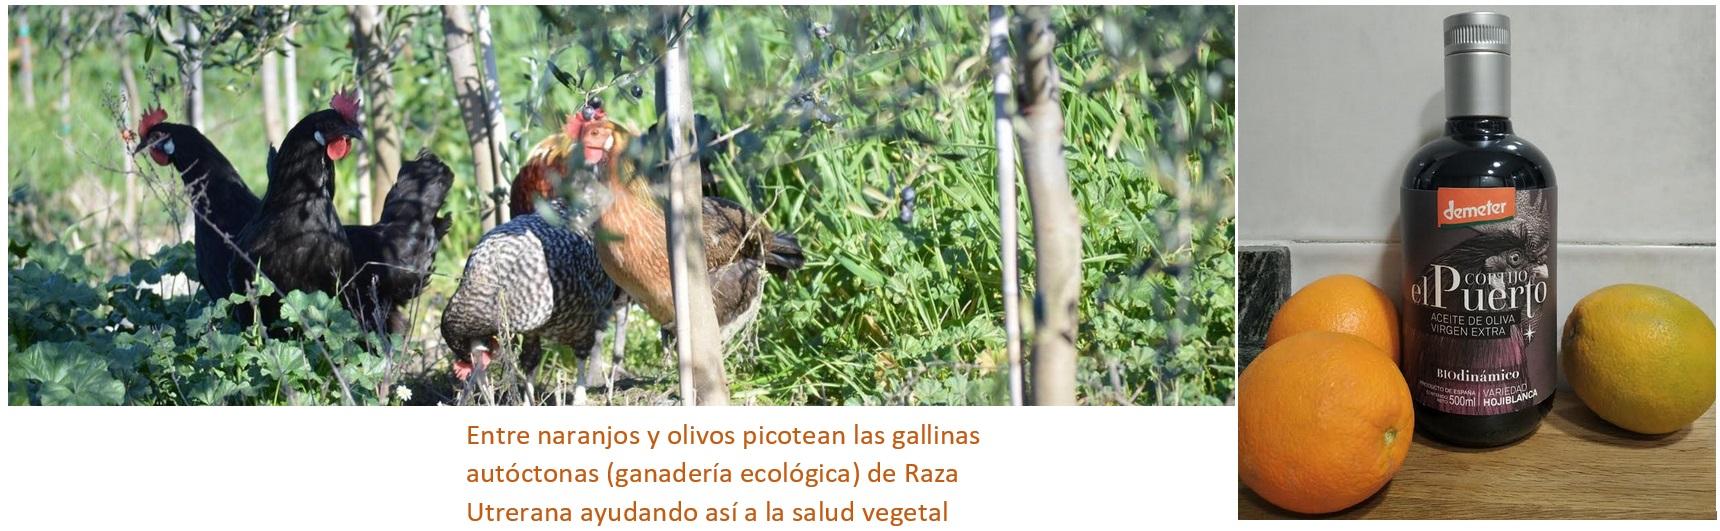 AOVE ecologico biodinamico Cortijo el Puerto Hojiblanca Organic Farm livestock agriculture